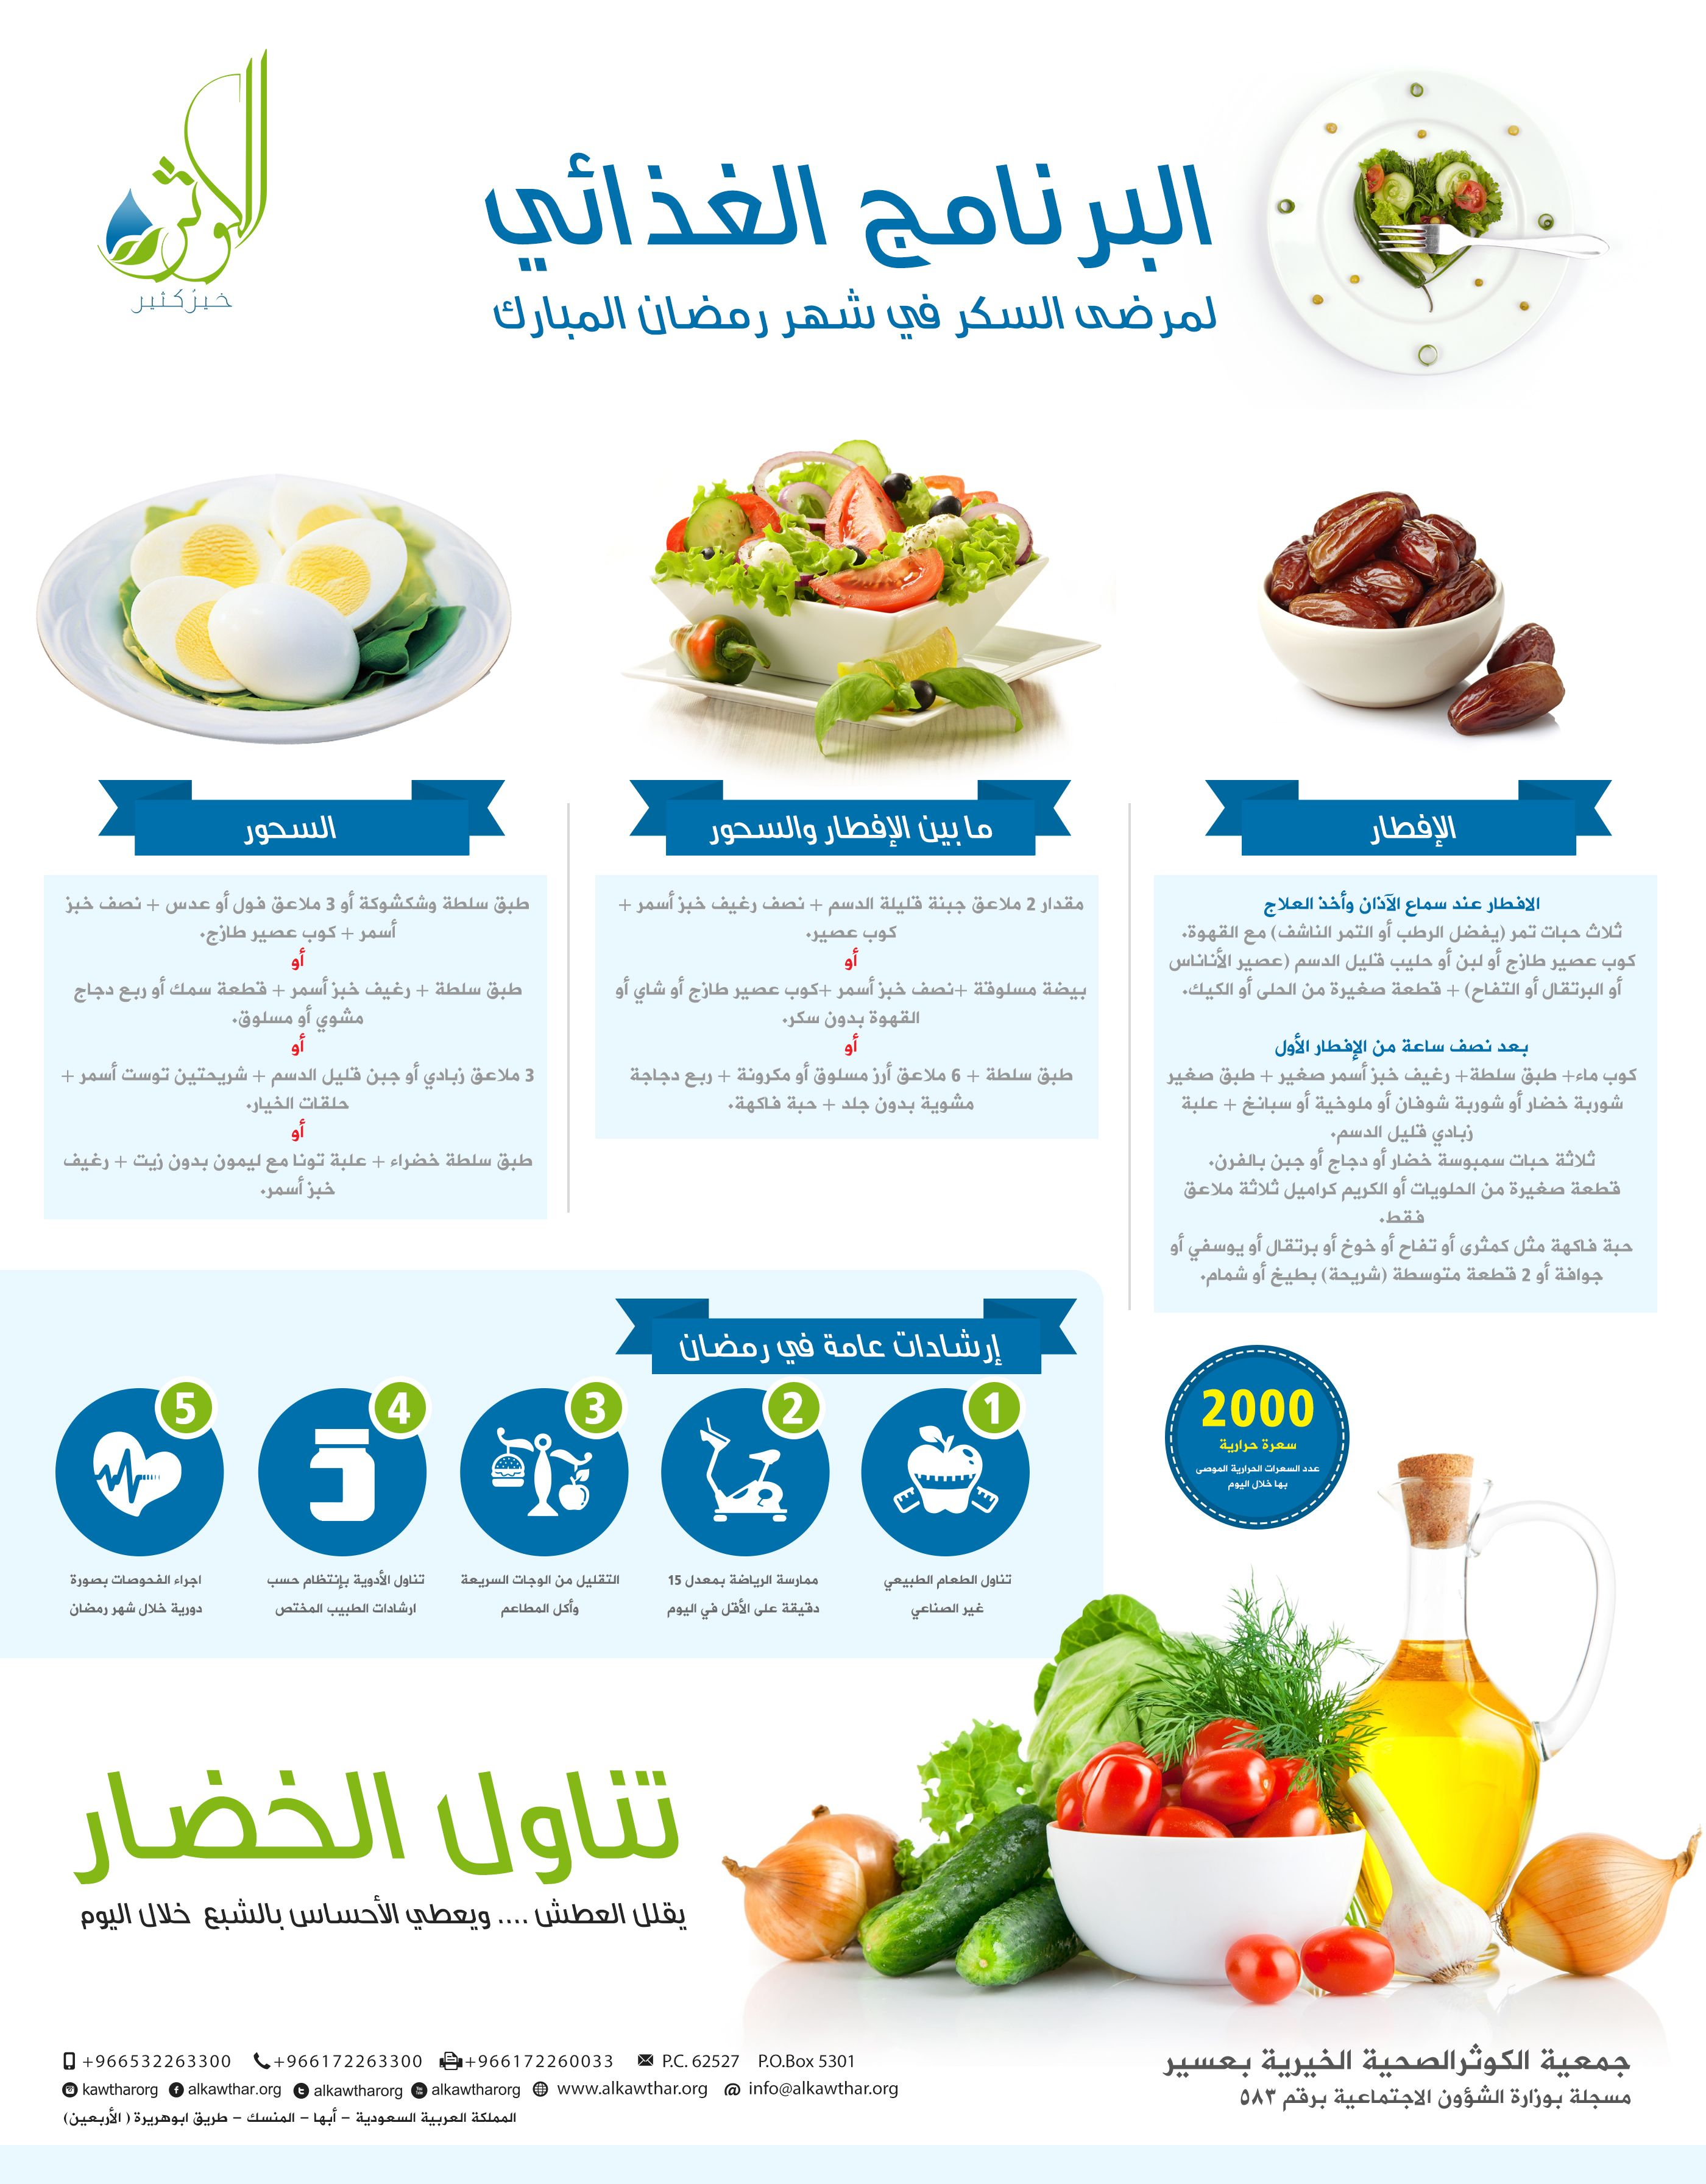 معلومات طبية و صحية انفوجرافيك برنامج غذائي لمرضى السكر في رمضان Fruit Quick Food